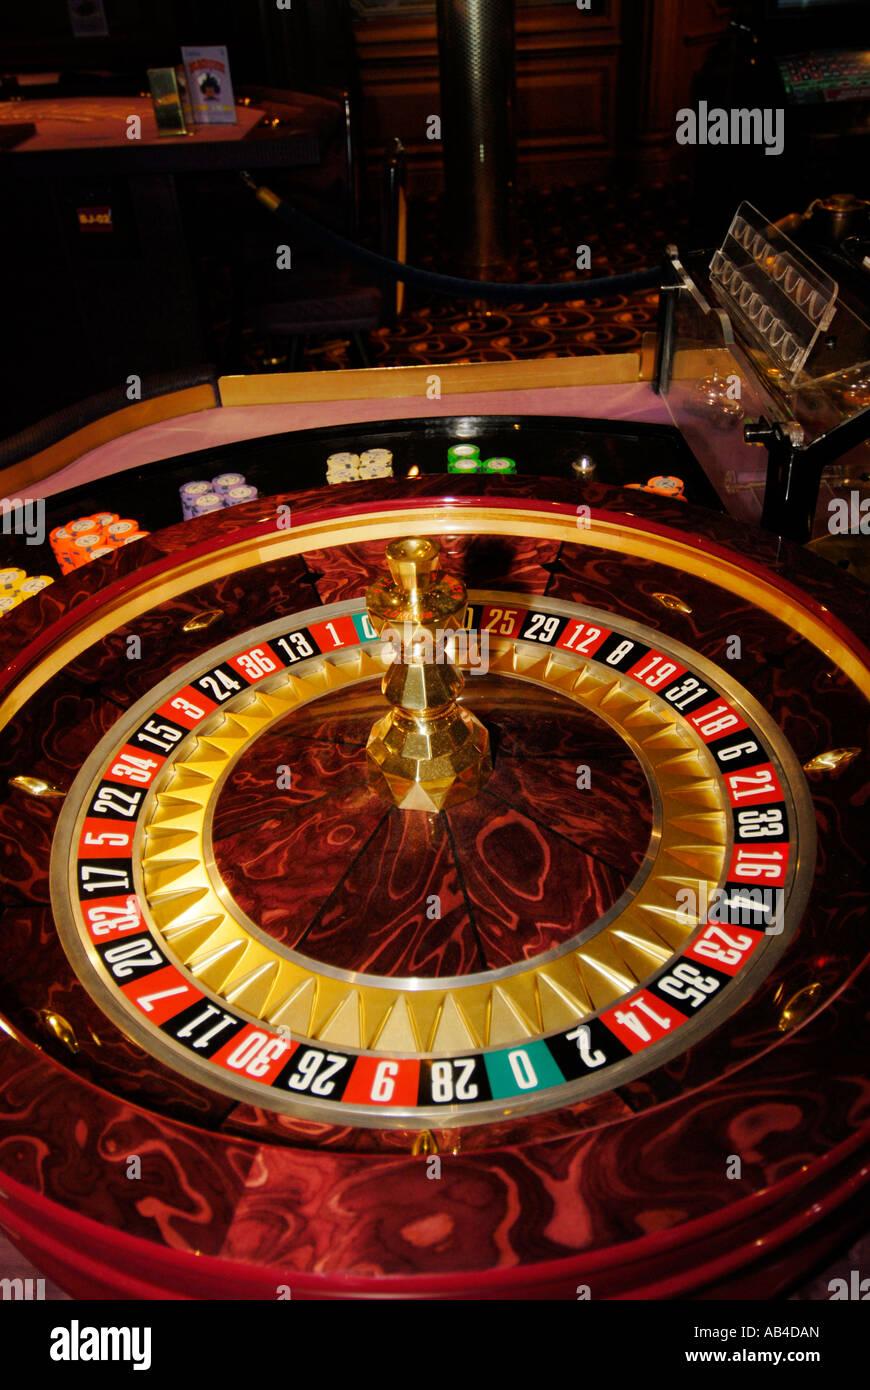 Intertops online casino bonussen